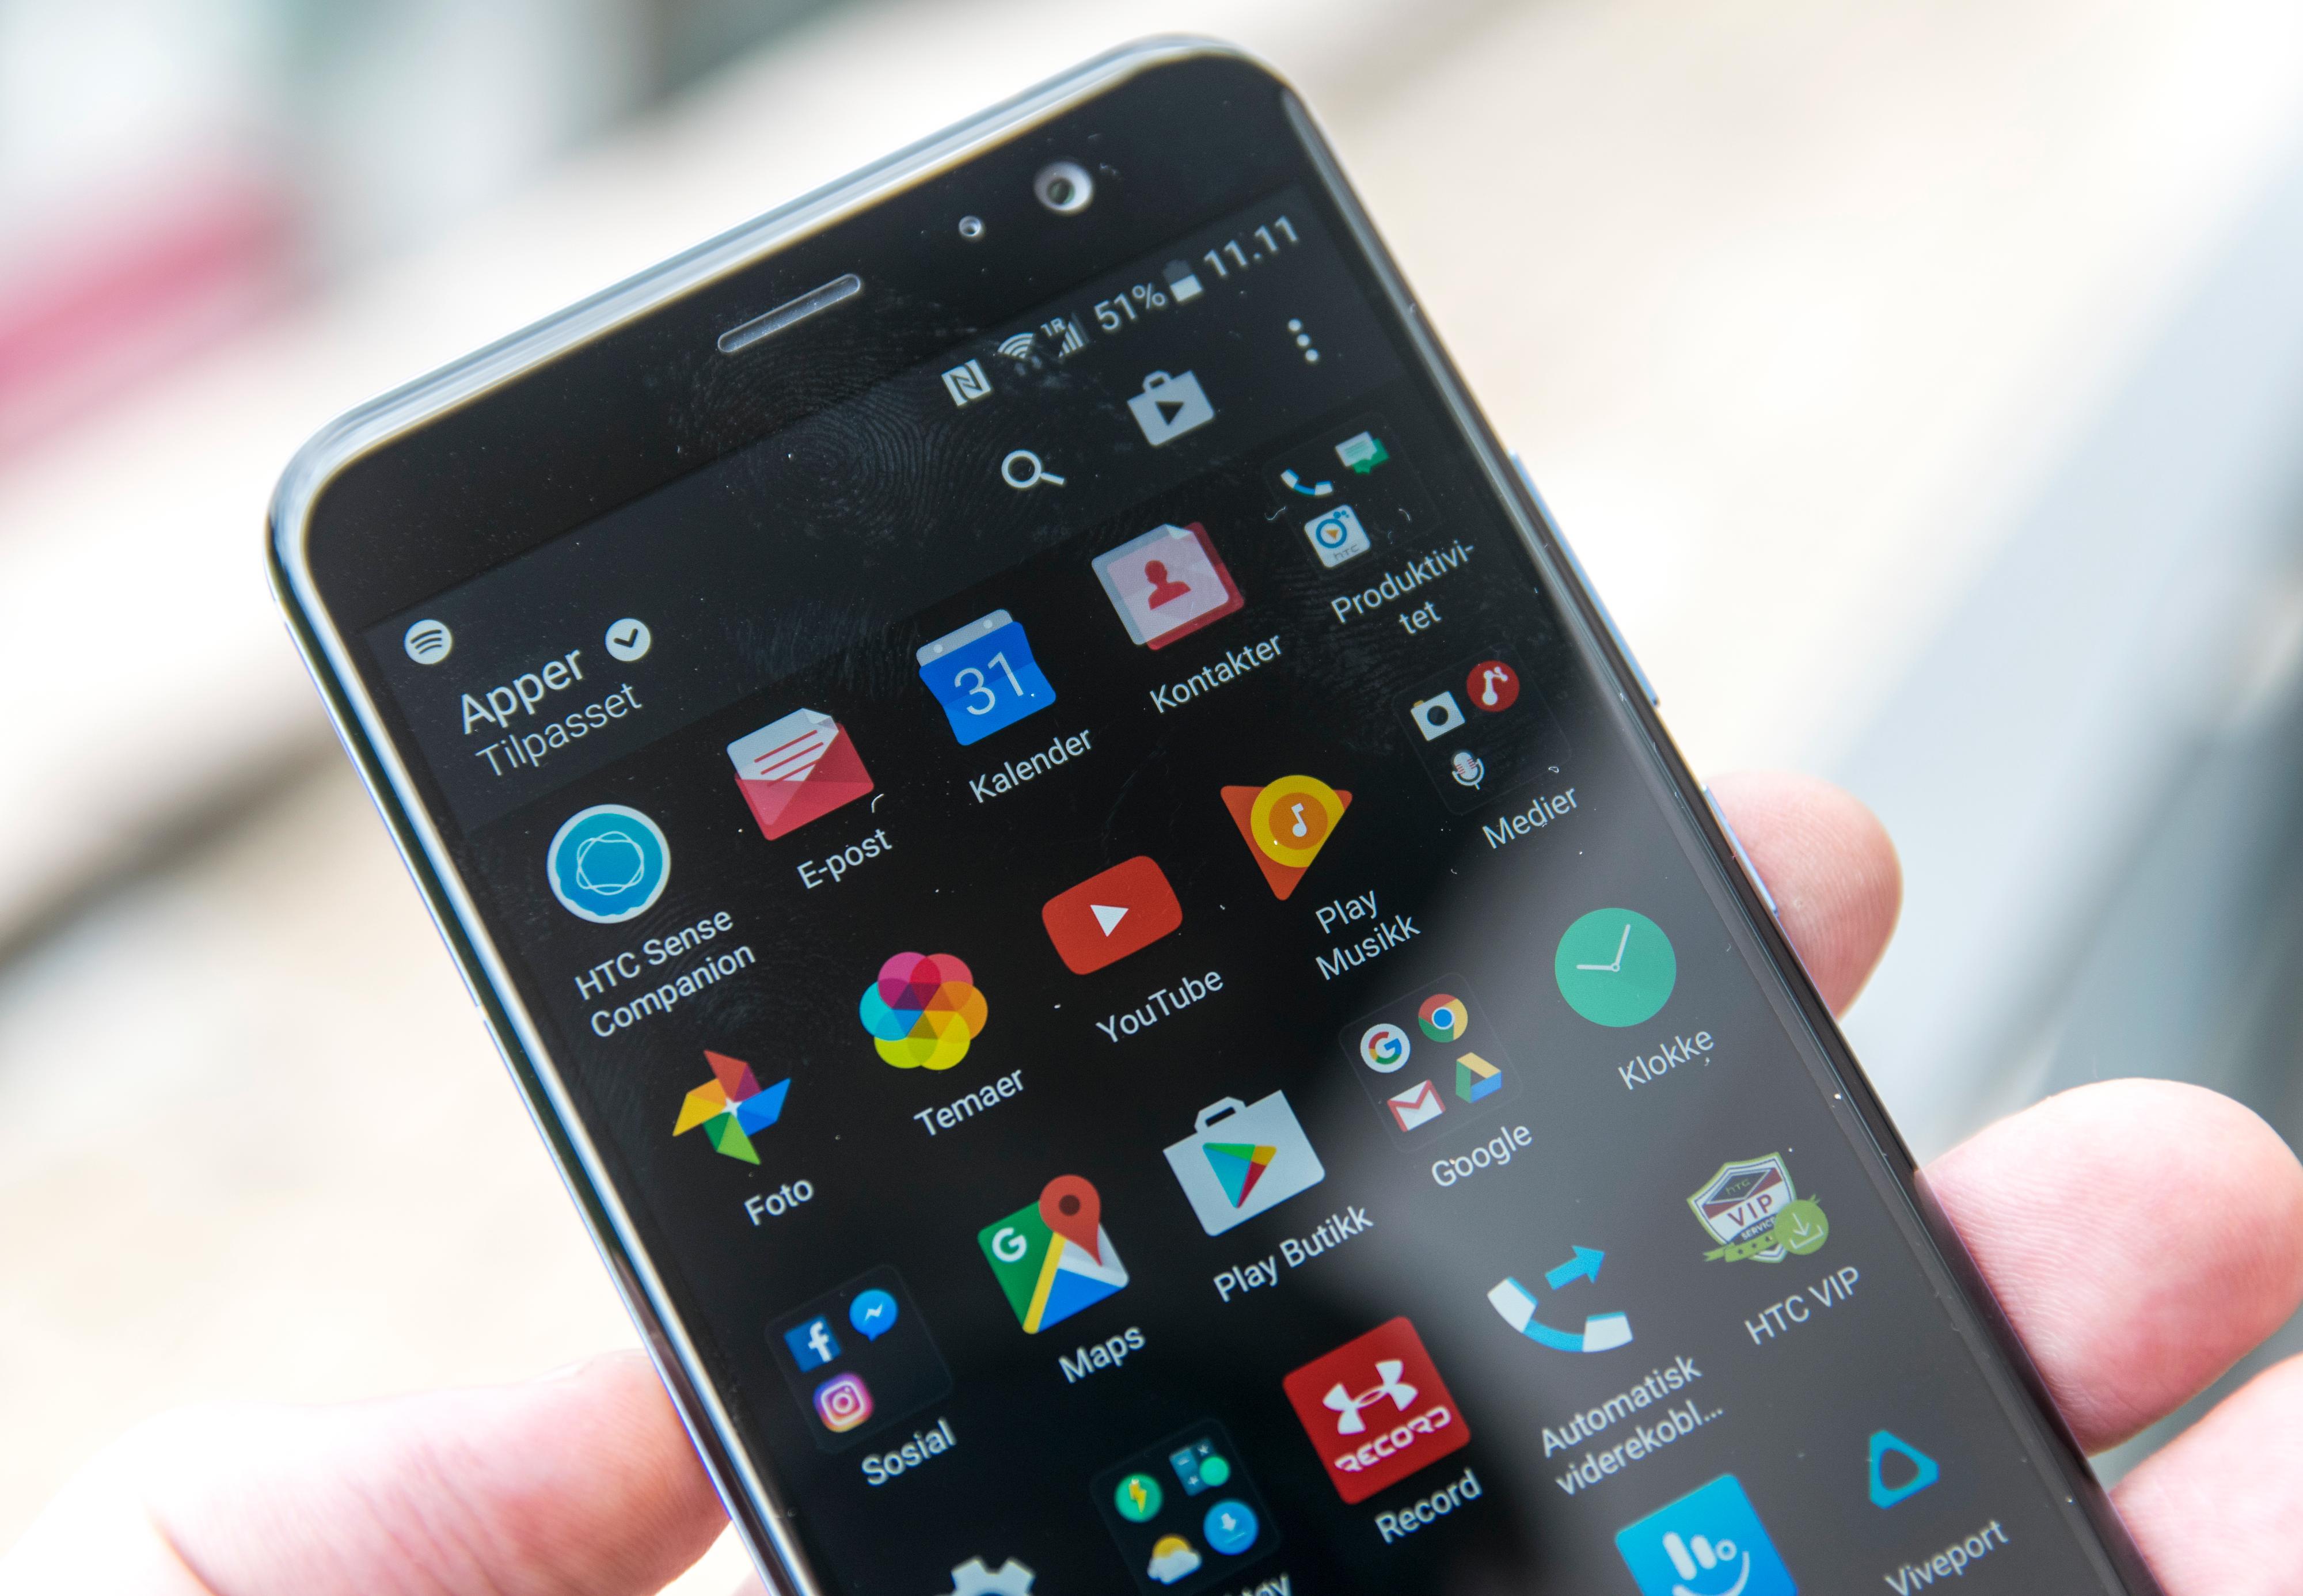 Appmenyen ser stadig ut som før, og det følger med en del apper i menyene her - men de fleste ekstraappene lar seg fjerne. Ellers er også HTC glade i å levere i overkant mange funksjoner som enkeltapper.